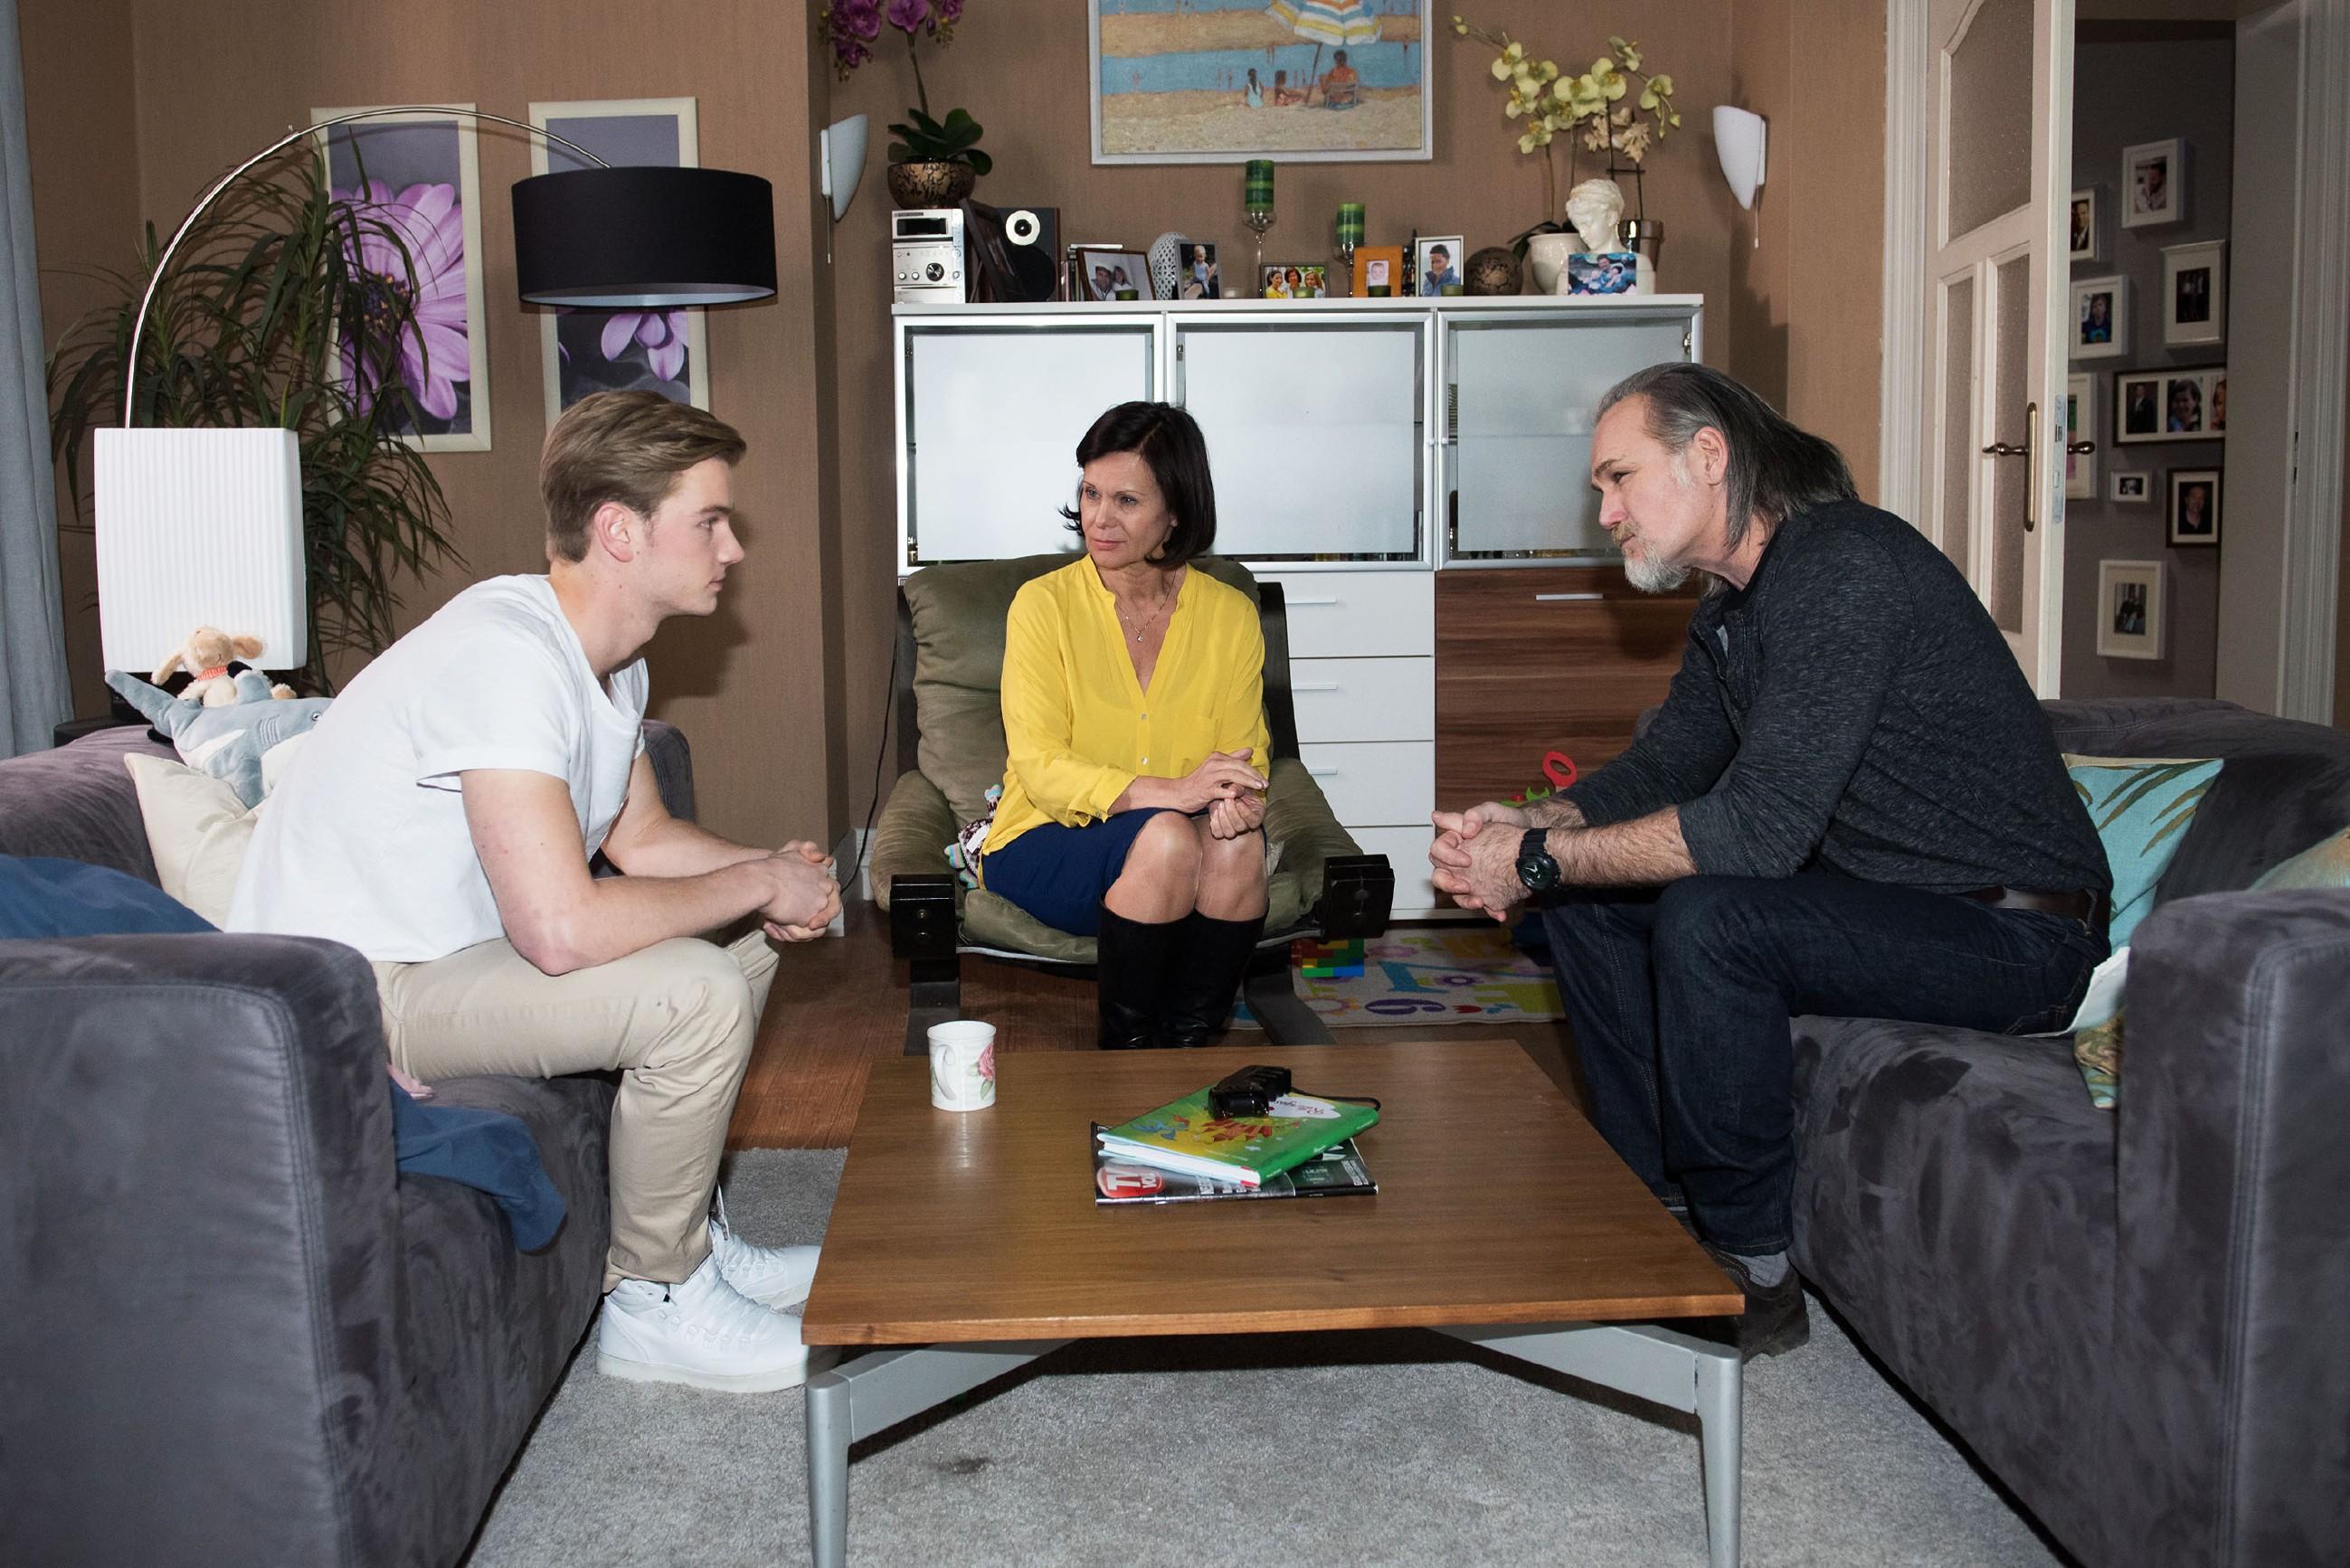 Als Valentin (Aaron Koszuta, l.) ausweichend auf ihre Fragen antwortet, ahnen Robert (Luca Maric) und Irene (Petra Blossey), dass er ihnen etwas verheimlicht. (Quelle: RTL / Stefan Behrens)